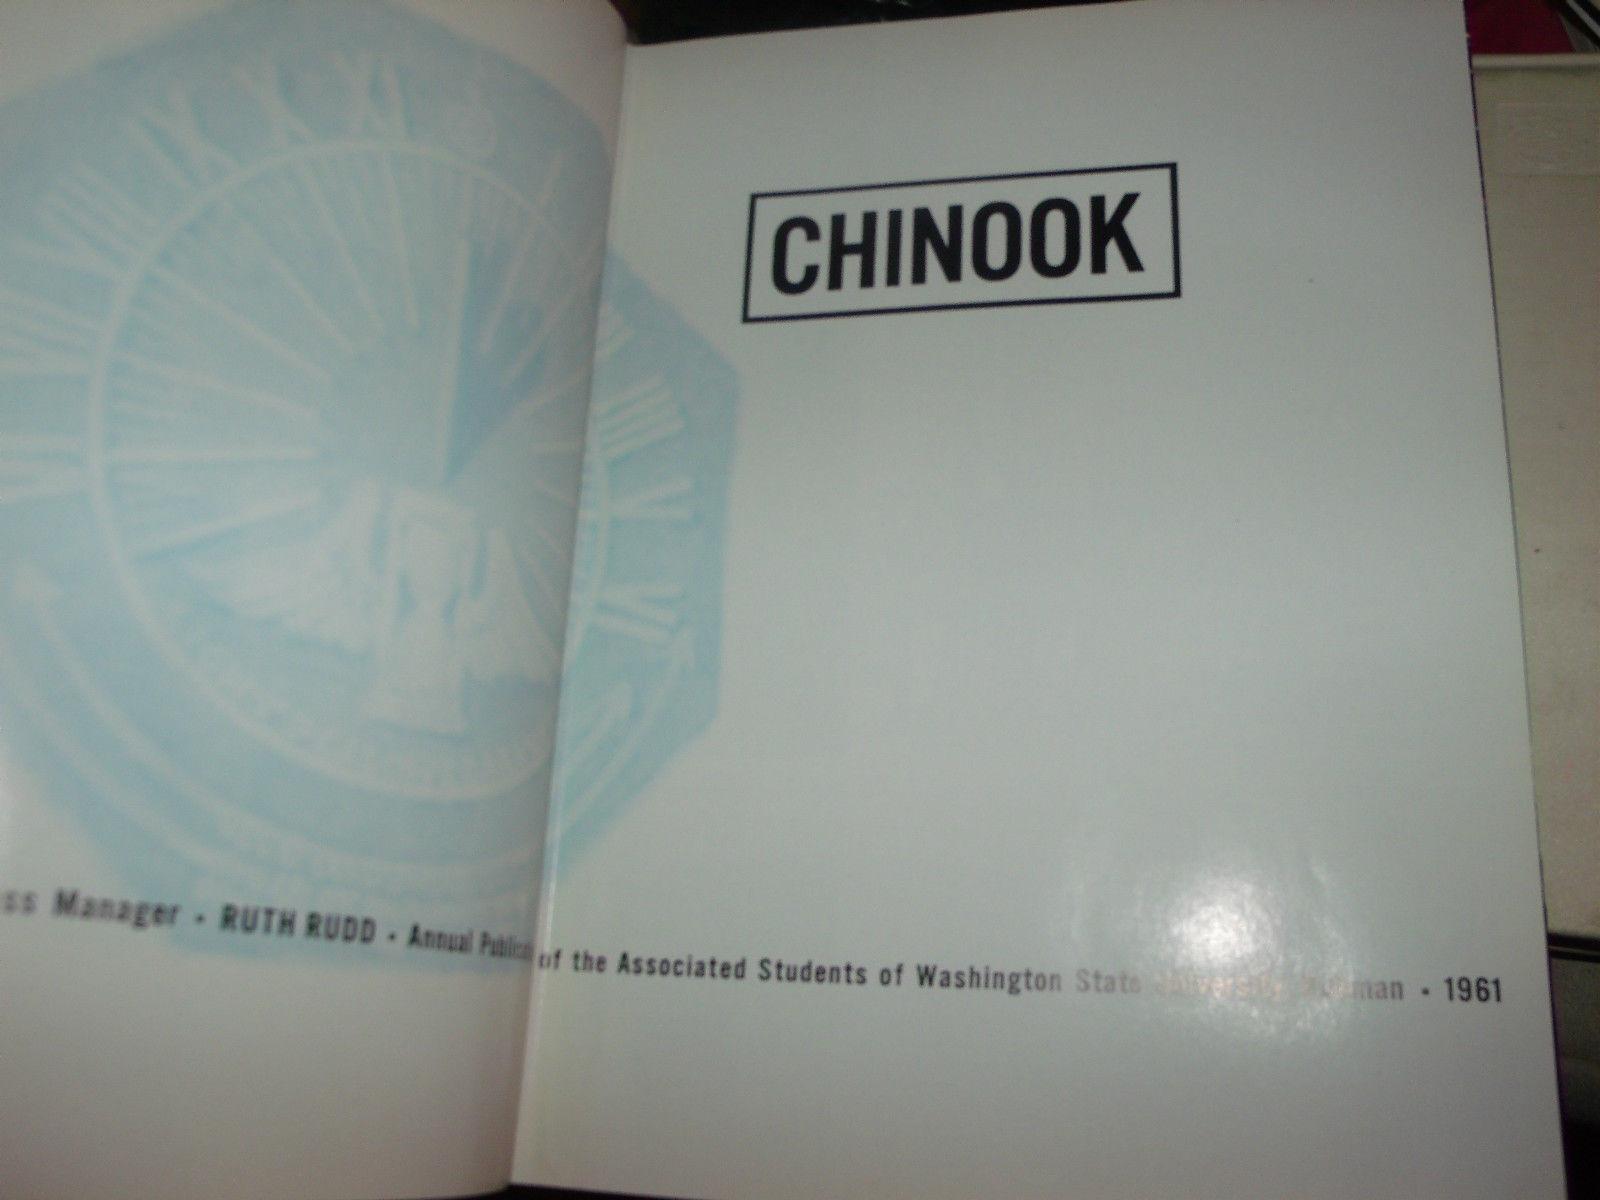 CHINOOK 1961 WASHINGTON STATE UNIVERSITY YEARBOOK